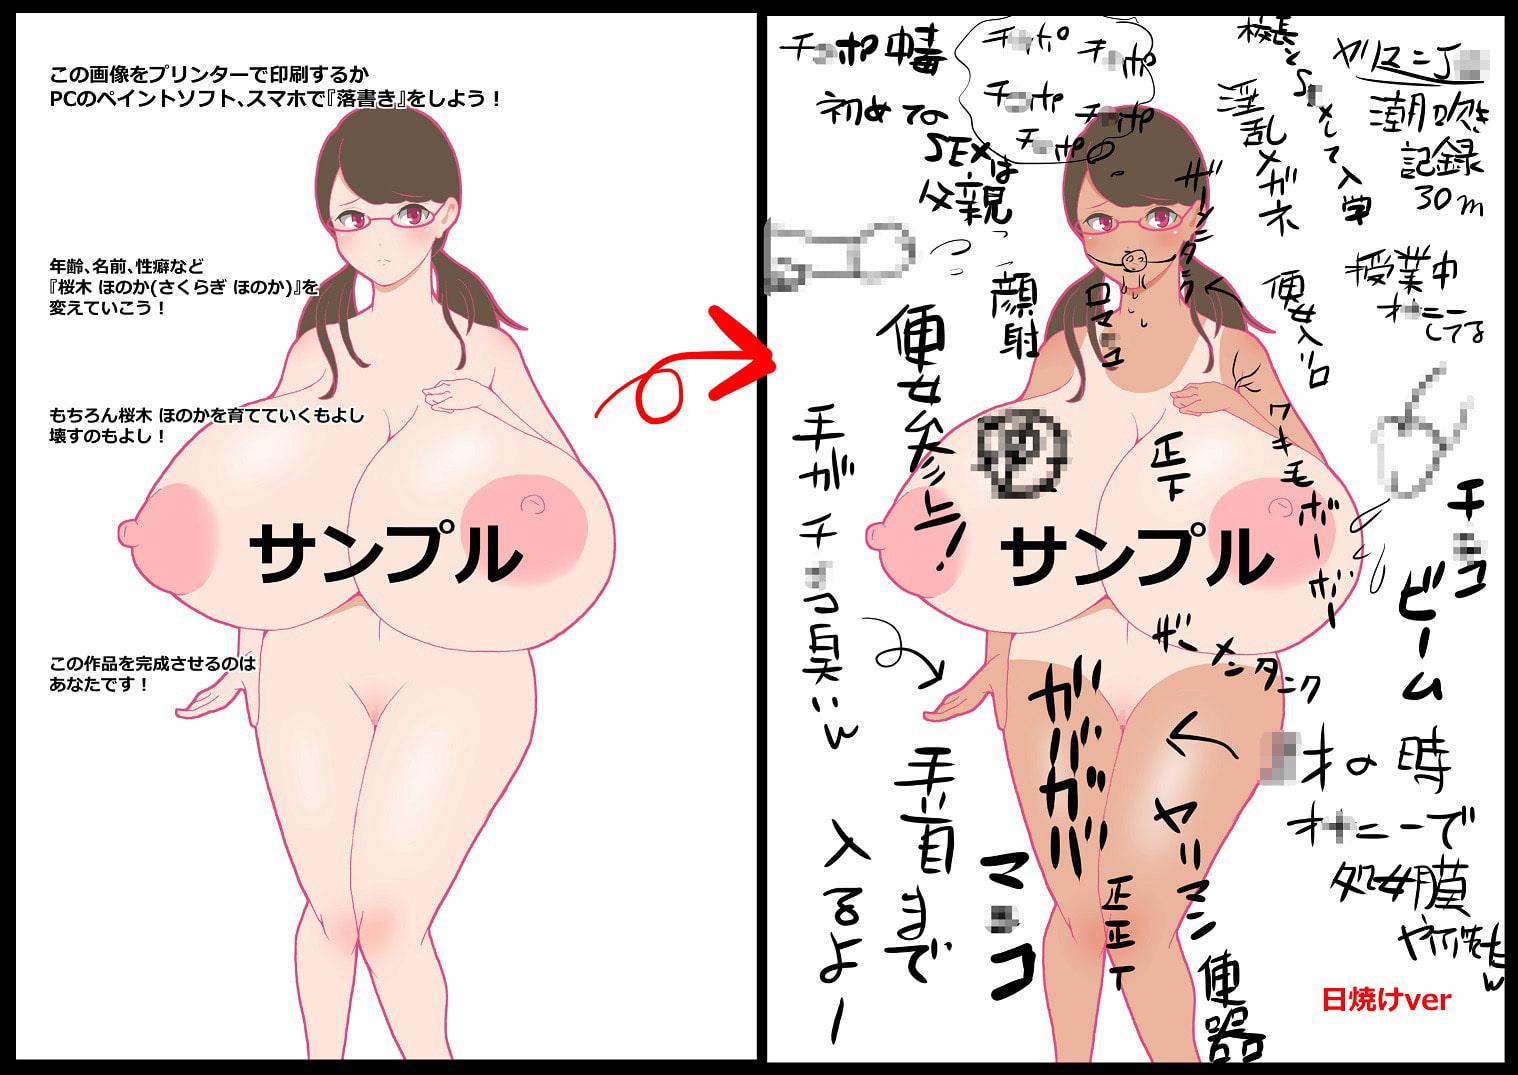 全裸ラクガキ ~桜木 ほのか~